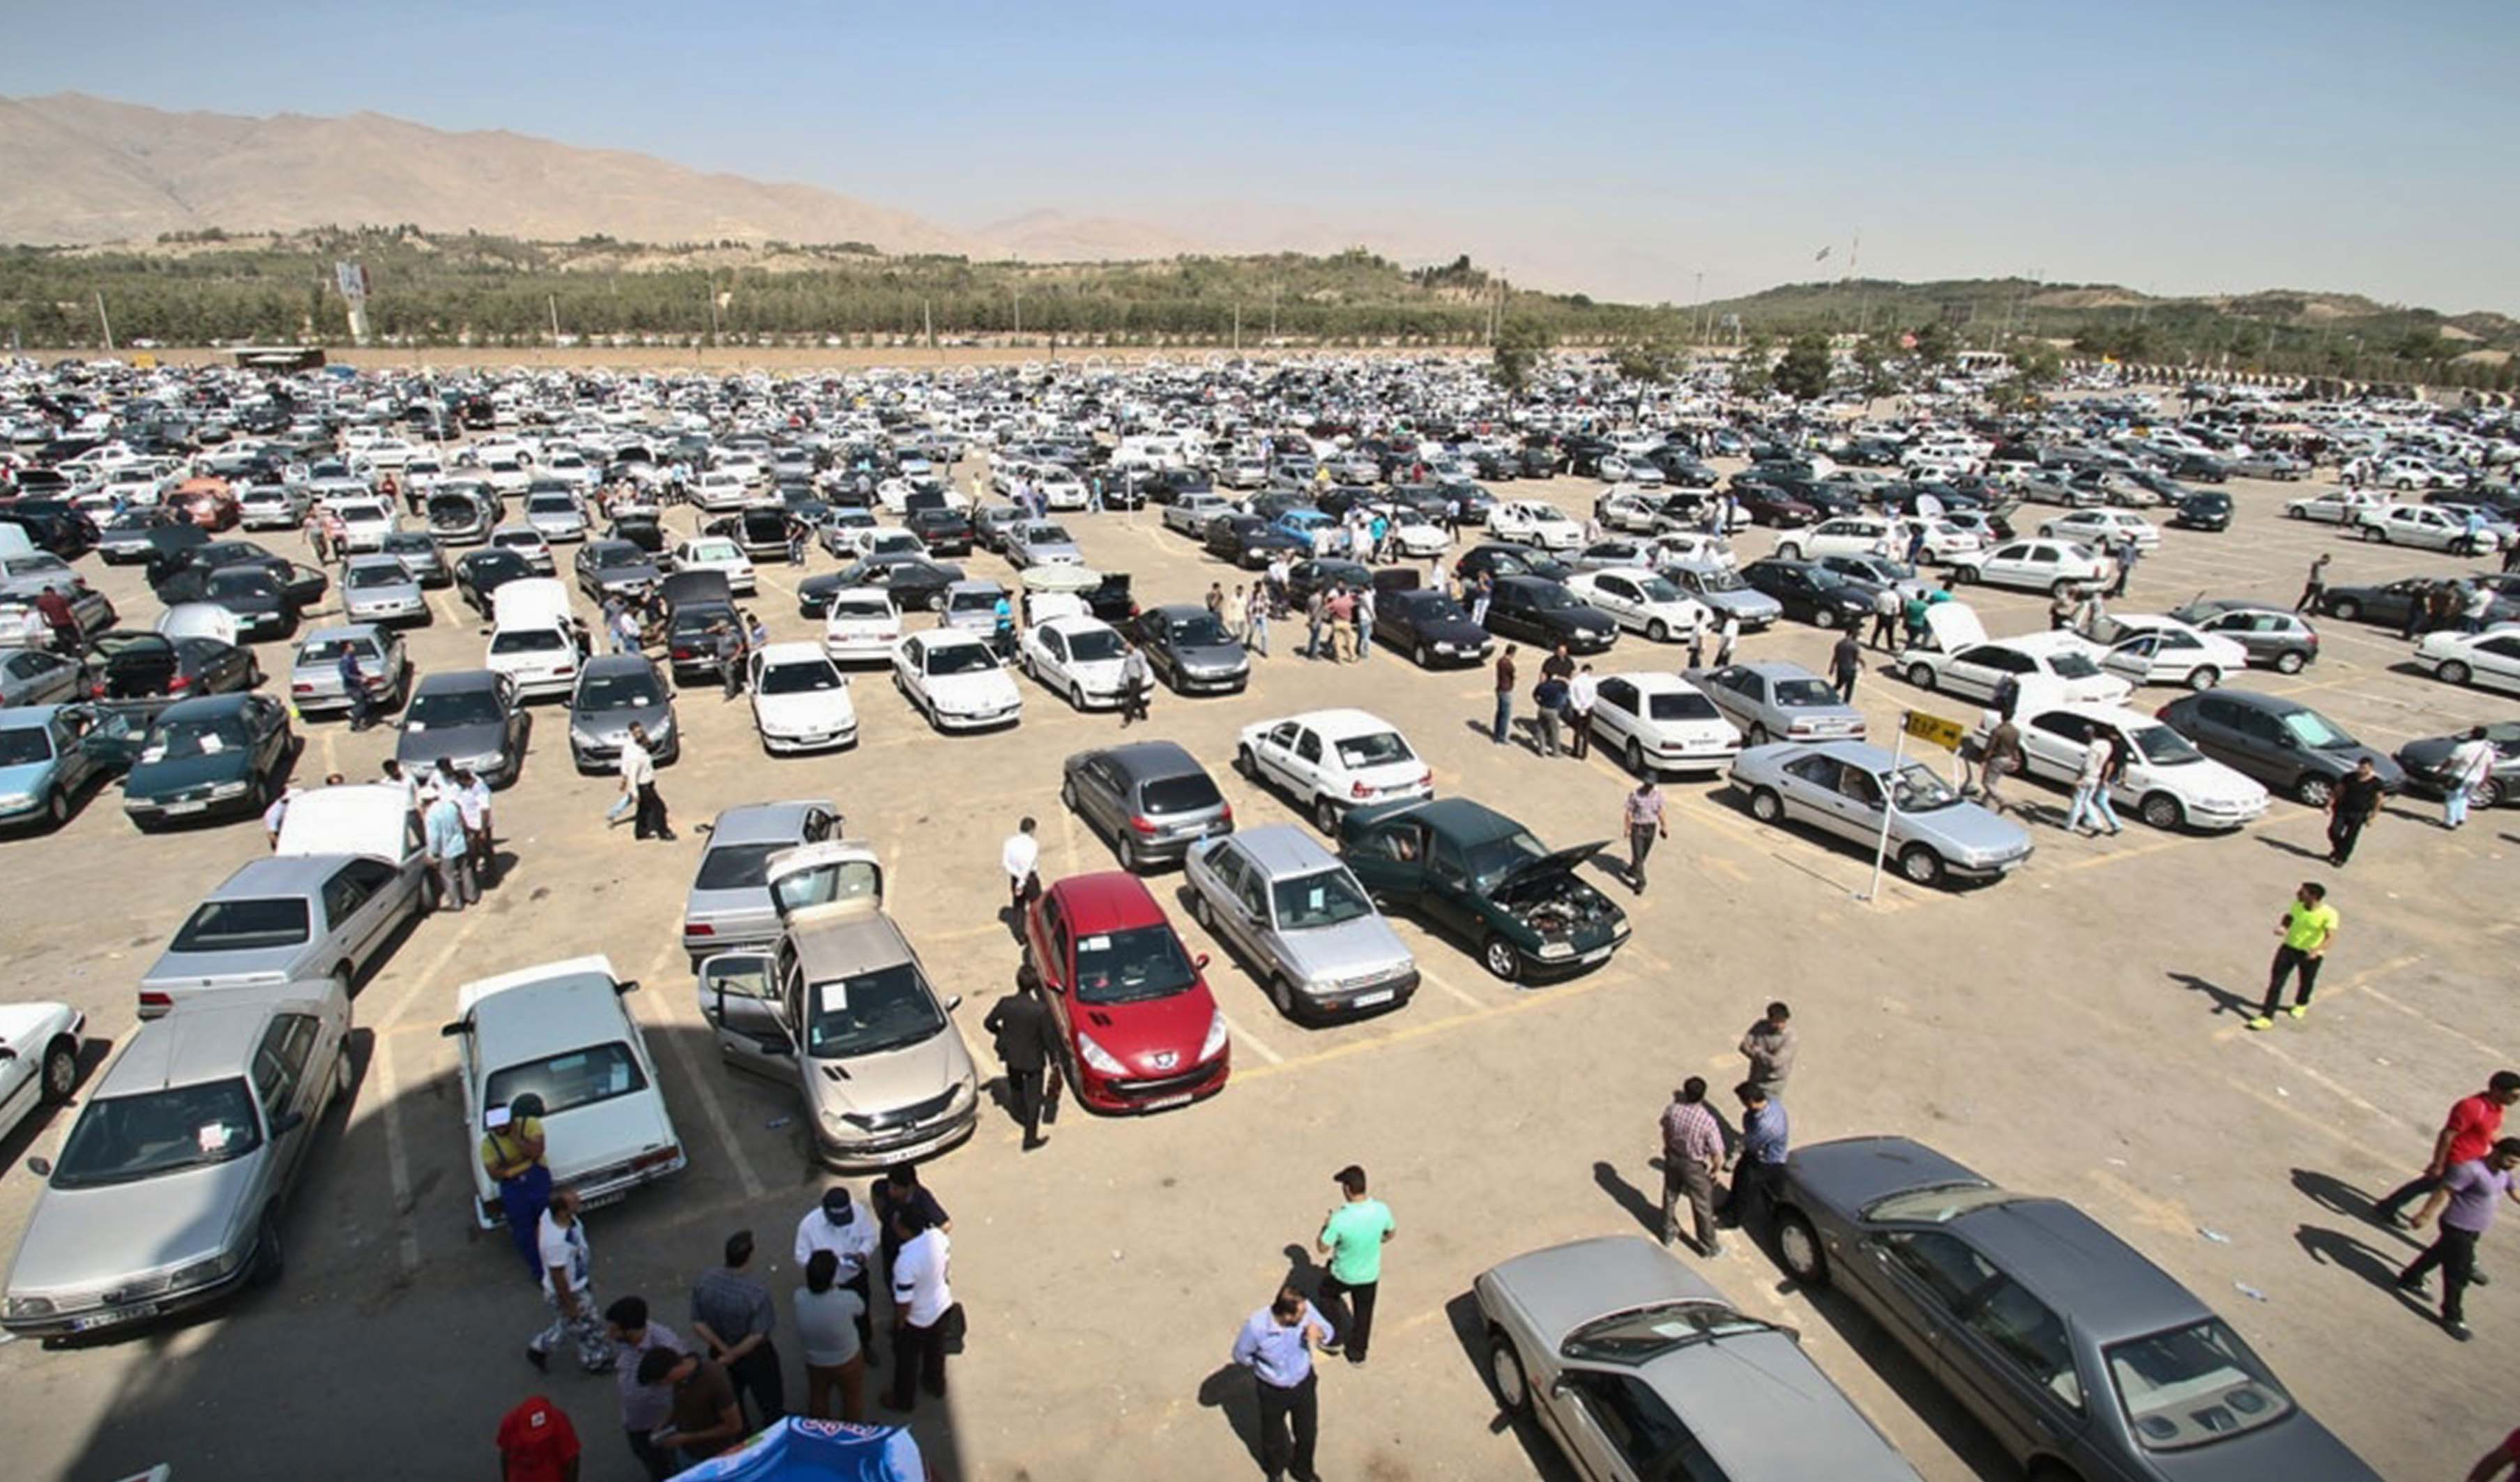 سرکشی قیمت خودرو در بازاری که راکد است/جدیدترین نرخها پس از 6 روز تعطیلی